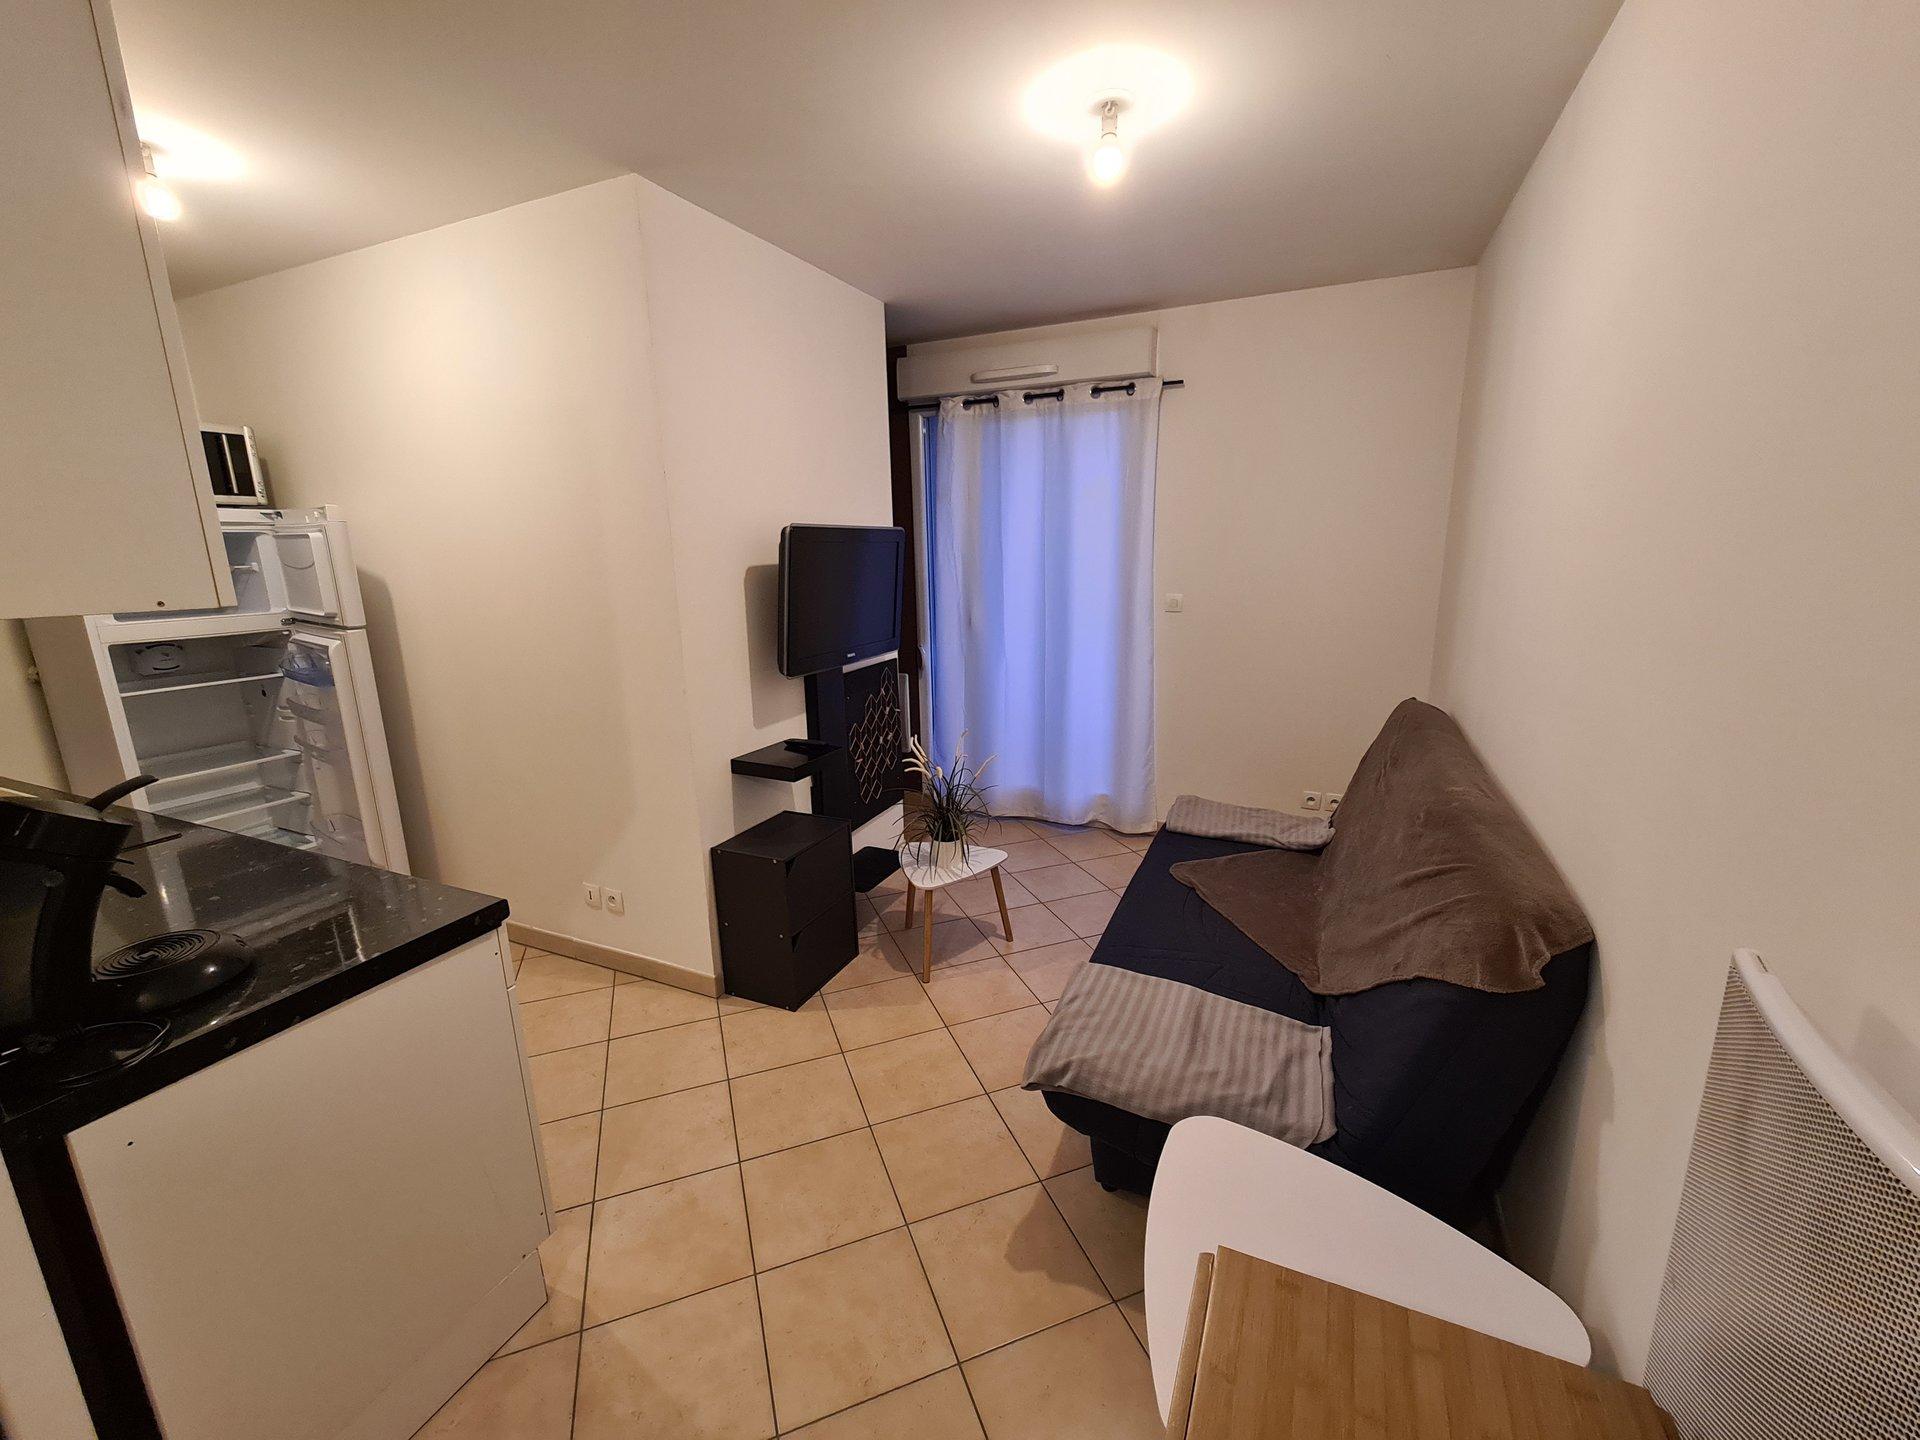 VIENNE NORD, Appartement T1 bis de 26,27m² avec balcon et Garage